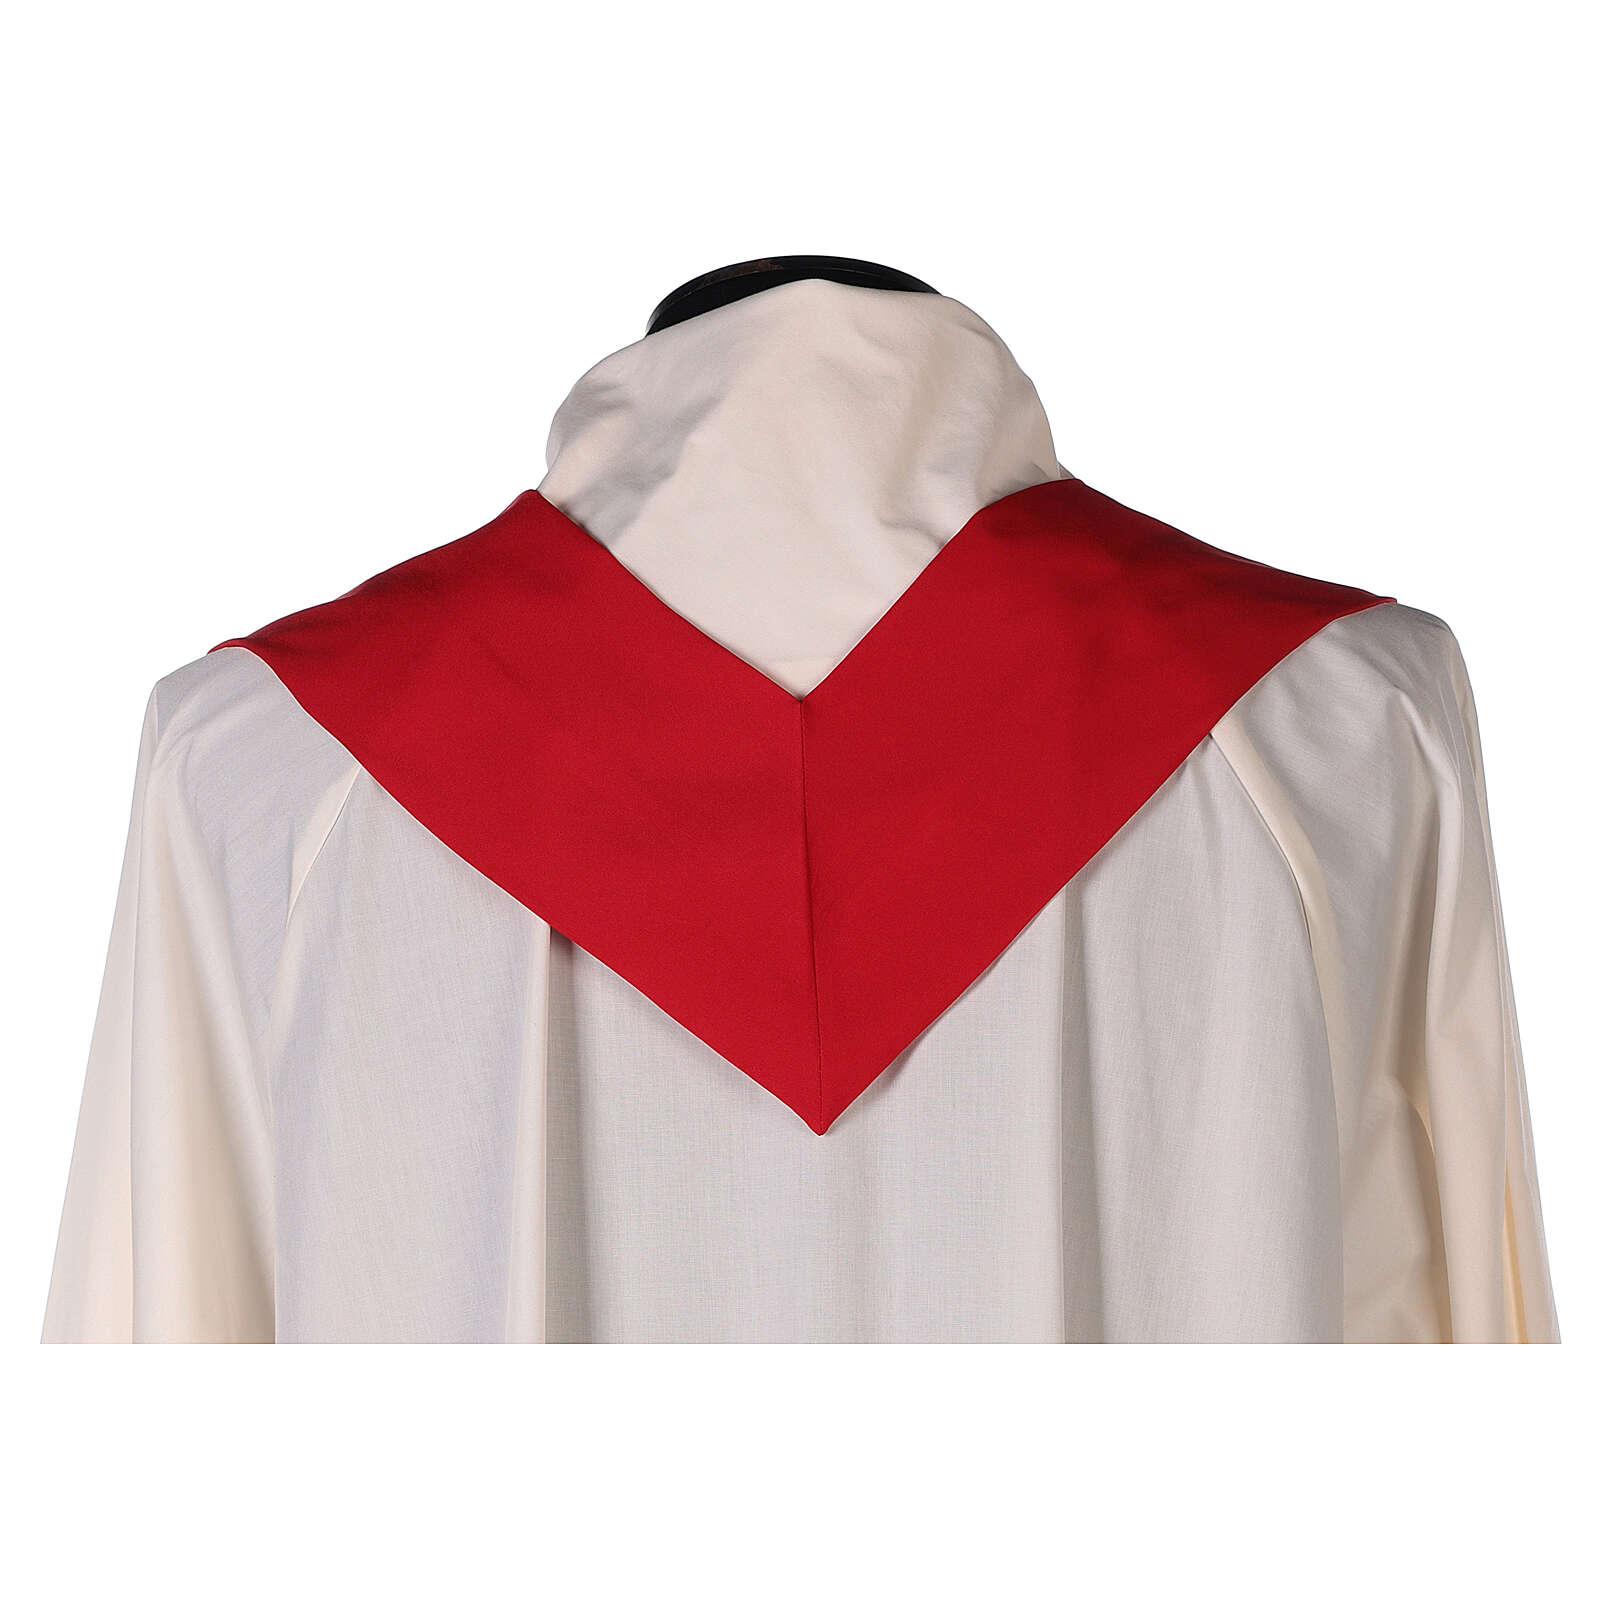 Set 4 casule liturgiche poliestere 4 colori ricamo croce ornata SOTTOCOSTO 4